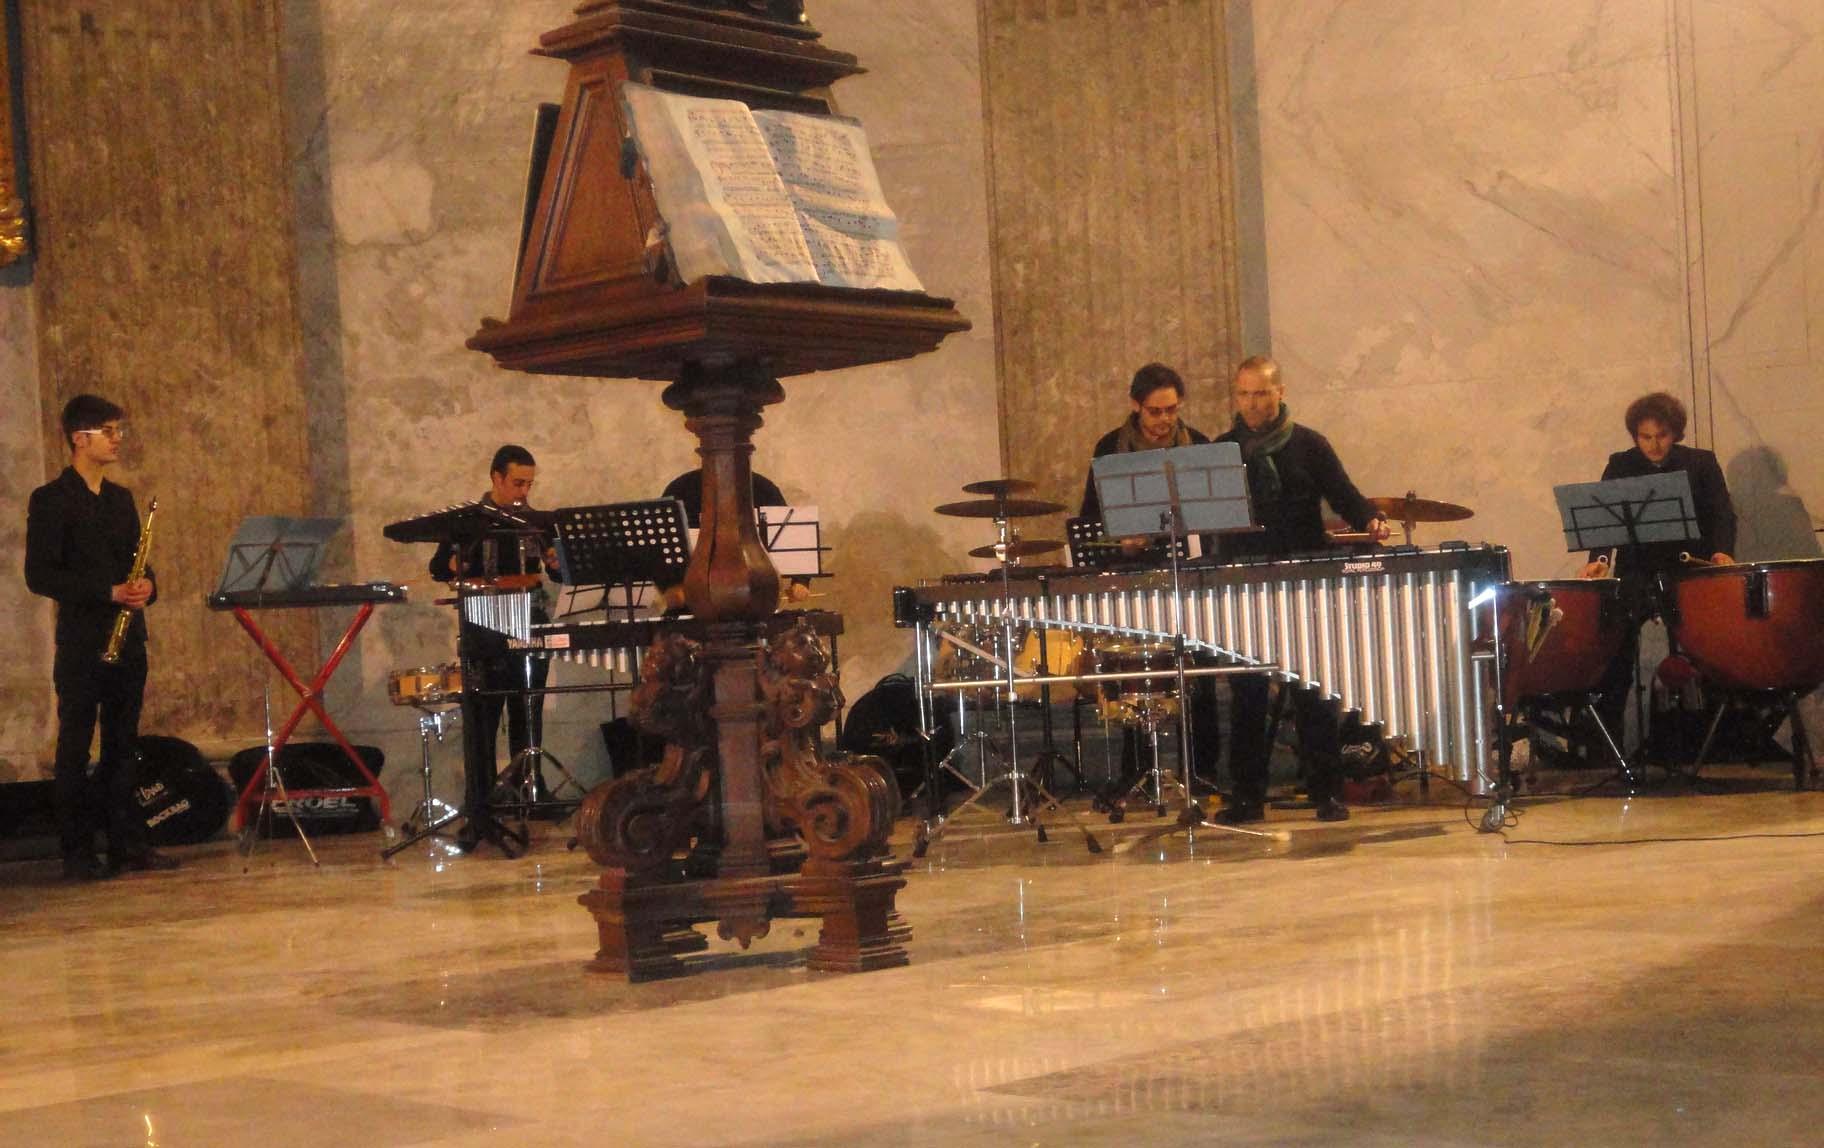 Convivio Armonico 2015, per il recupero della tradizione musicale napoletana del '700